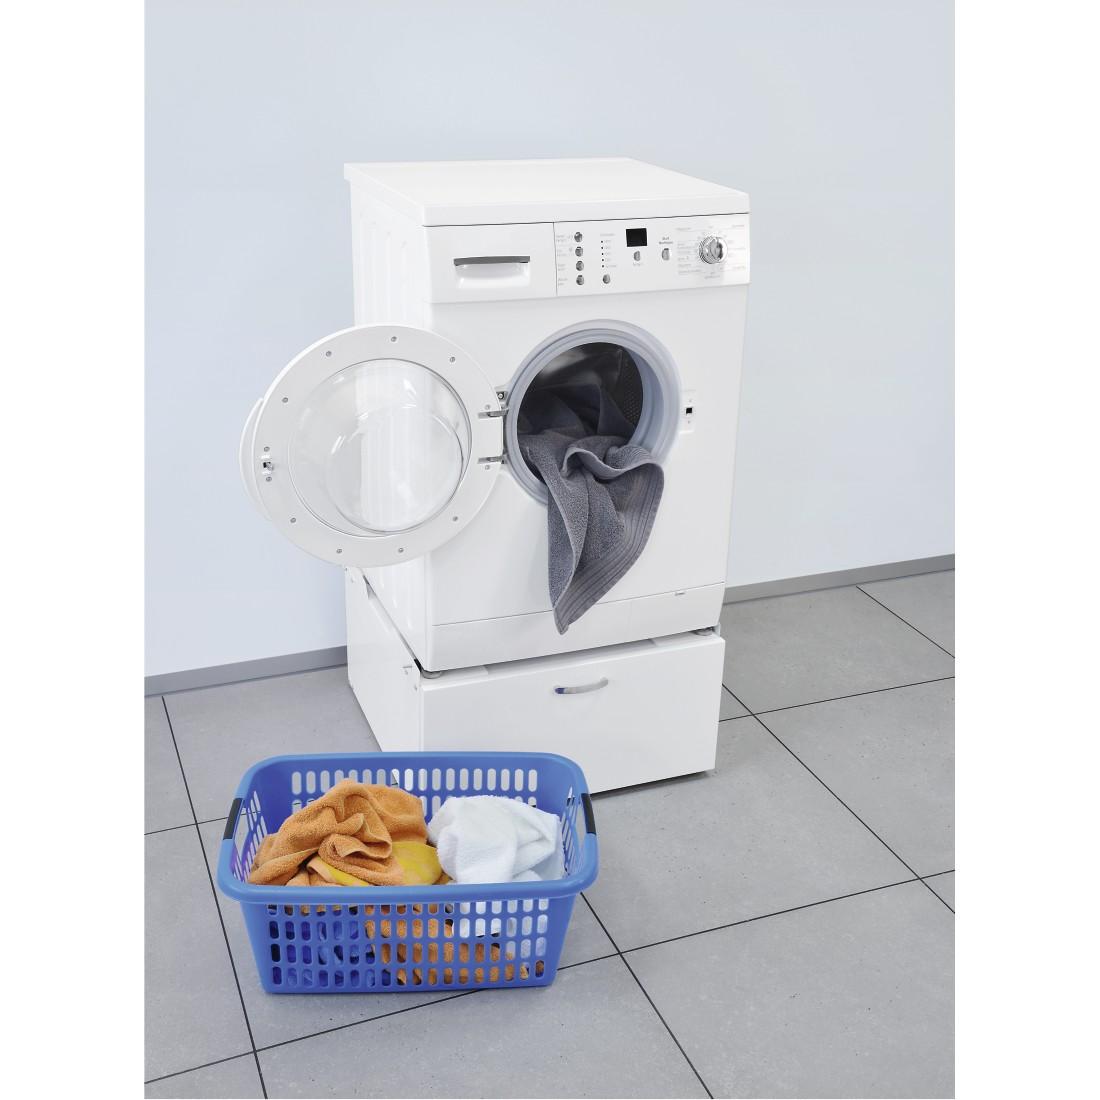 00111298 xavax unterbausockel f r waschmaschinen und trockner mit schublade 61 x 60 cm. Black Bedroom Furniture Sets. Home Design Ideas